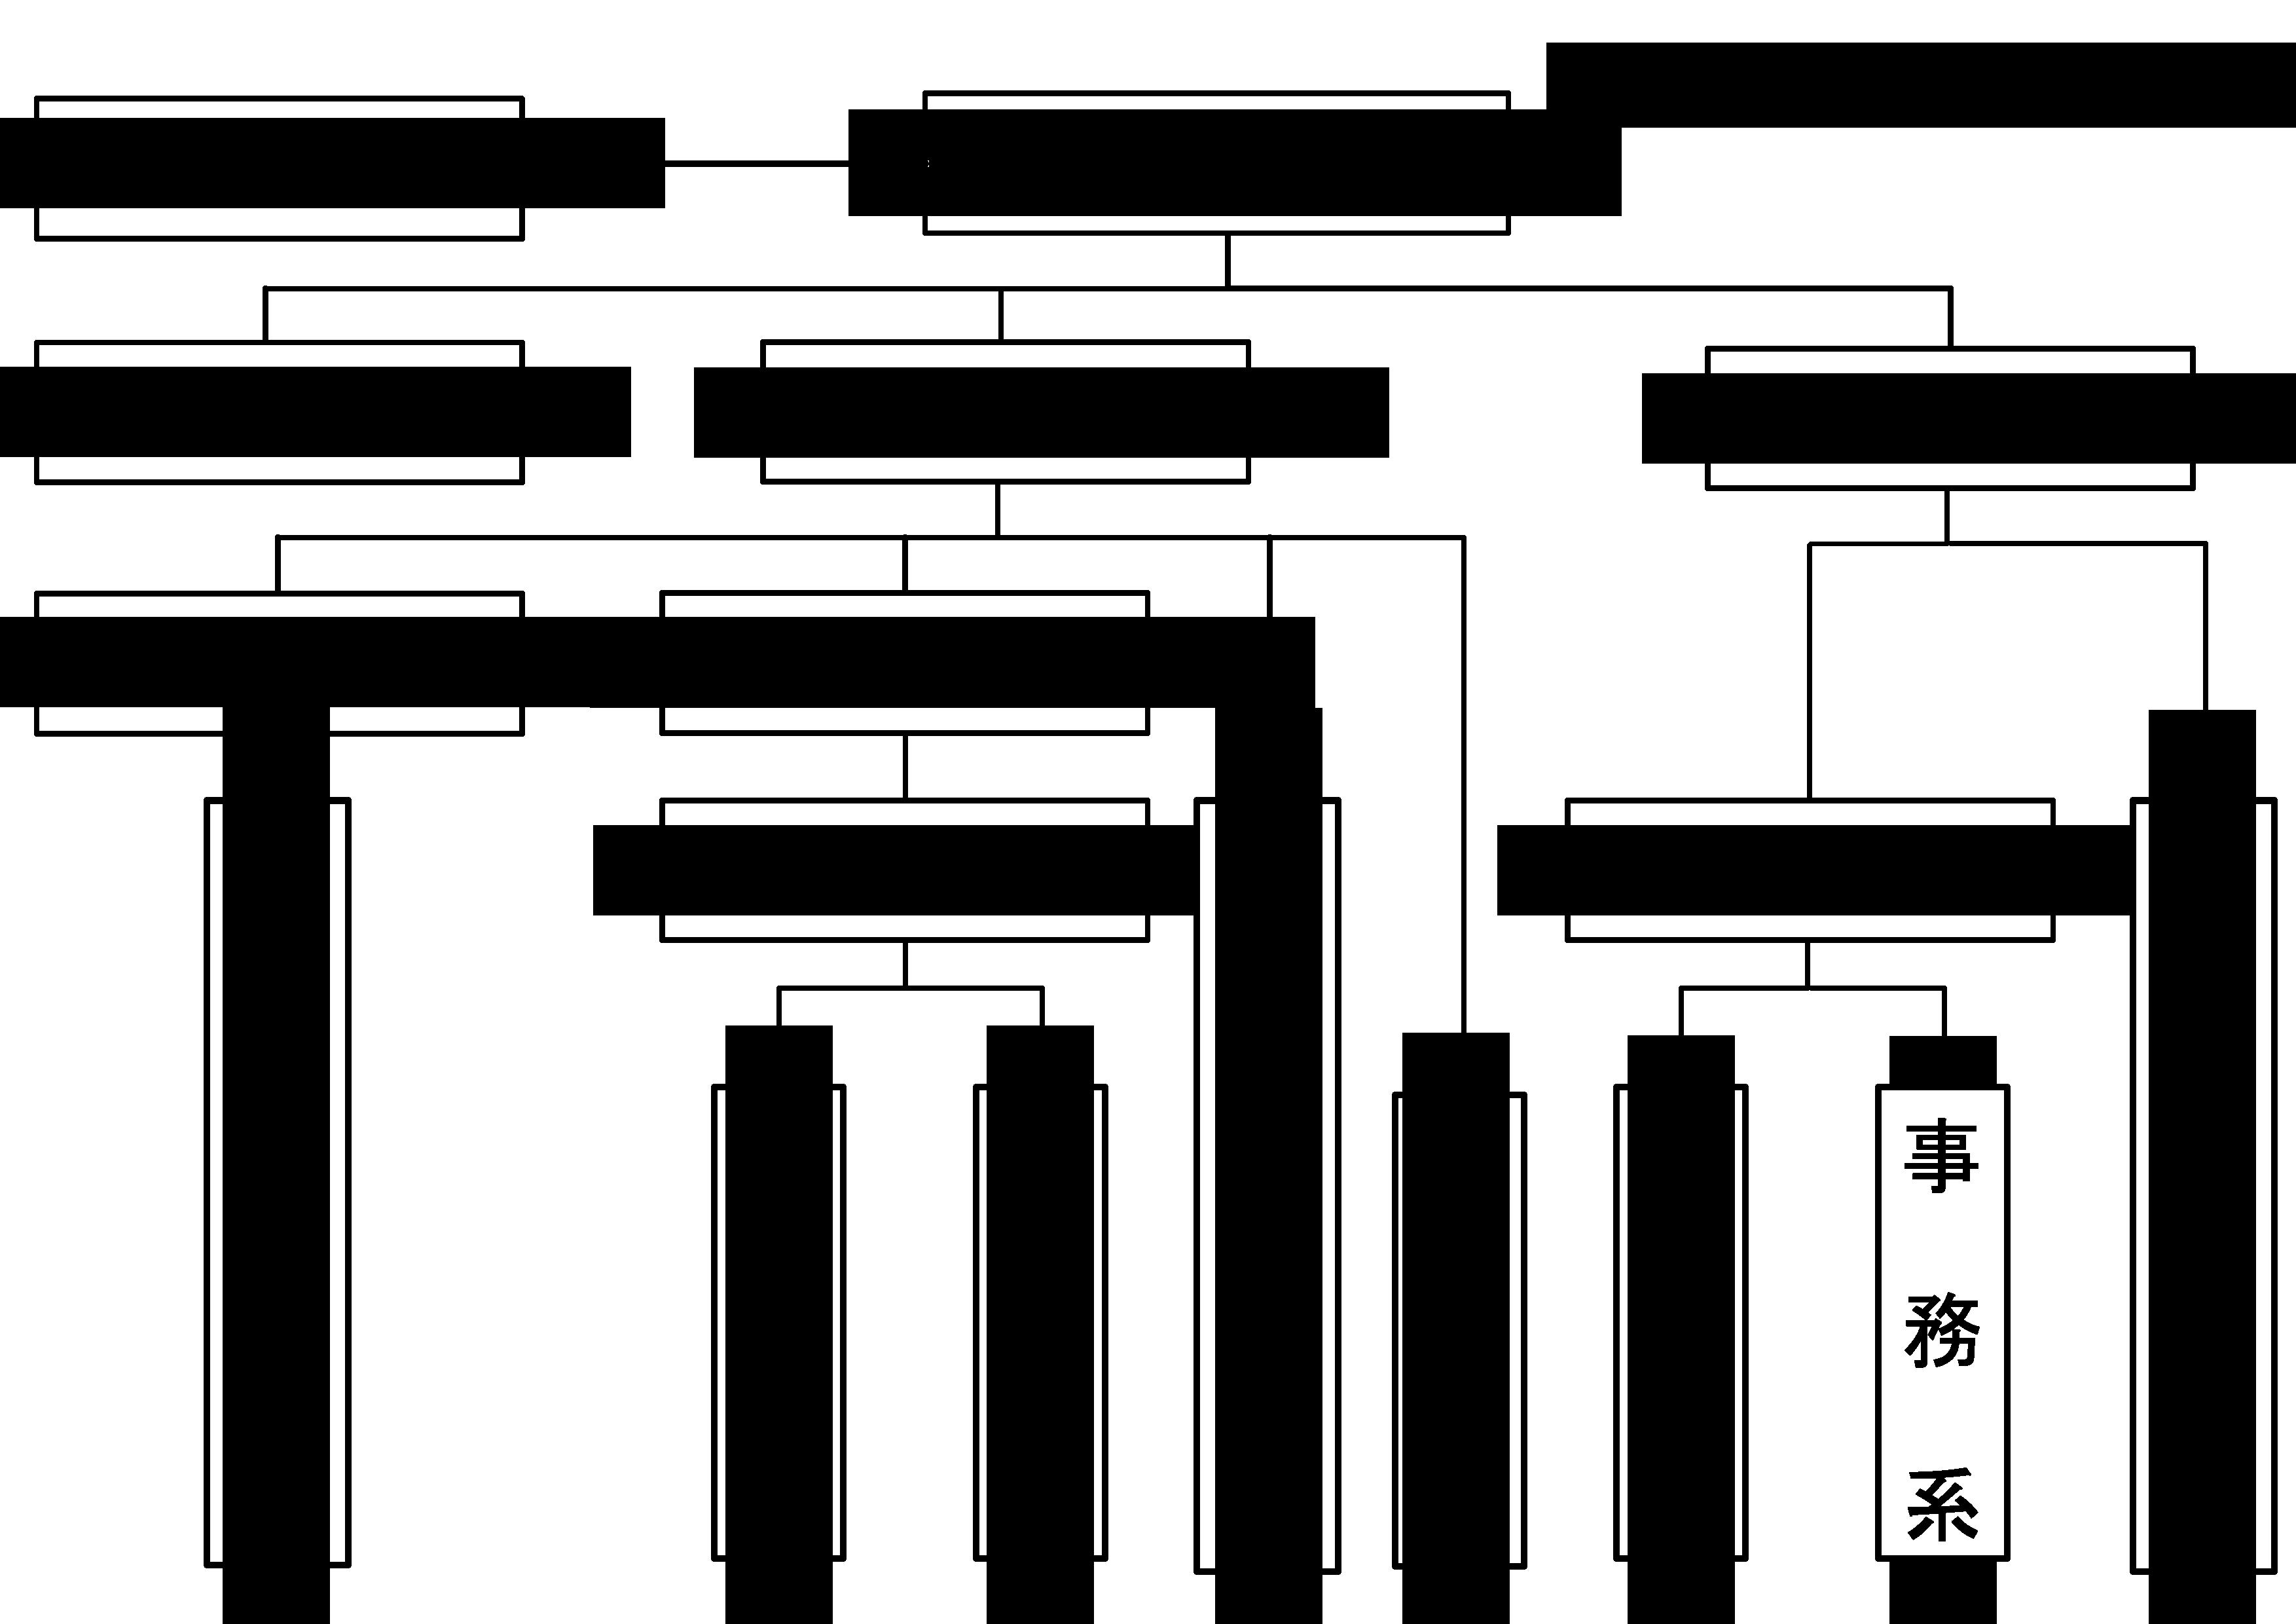 清水工業株式会社 組織図